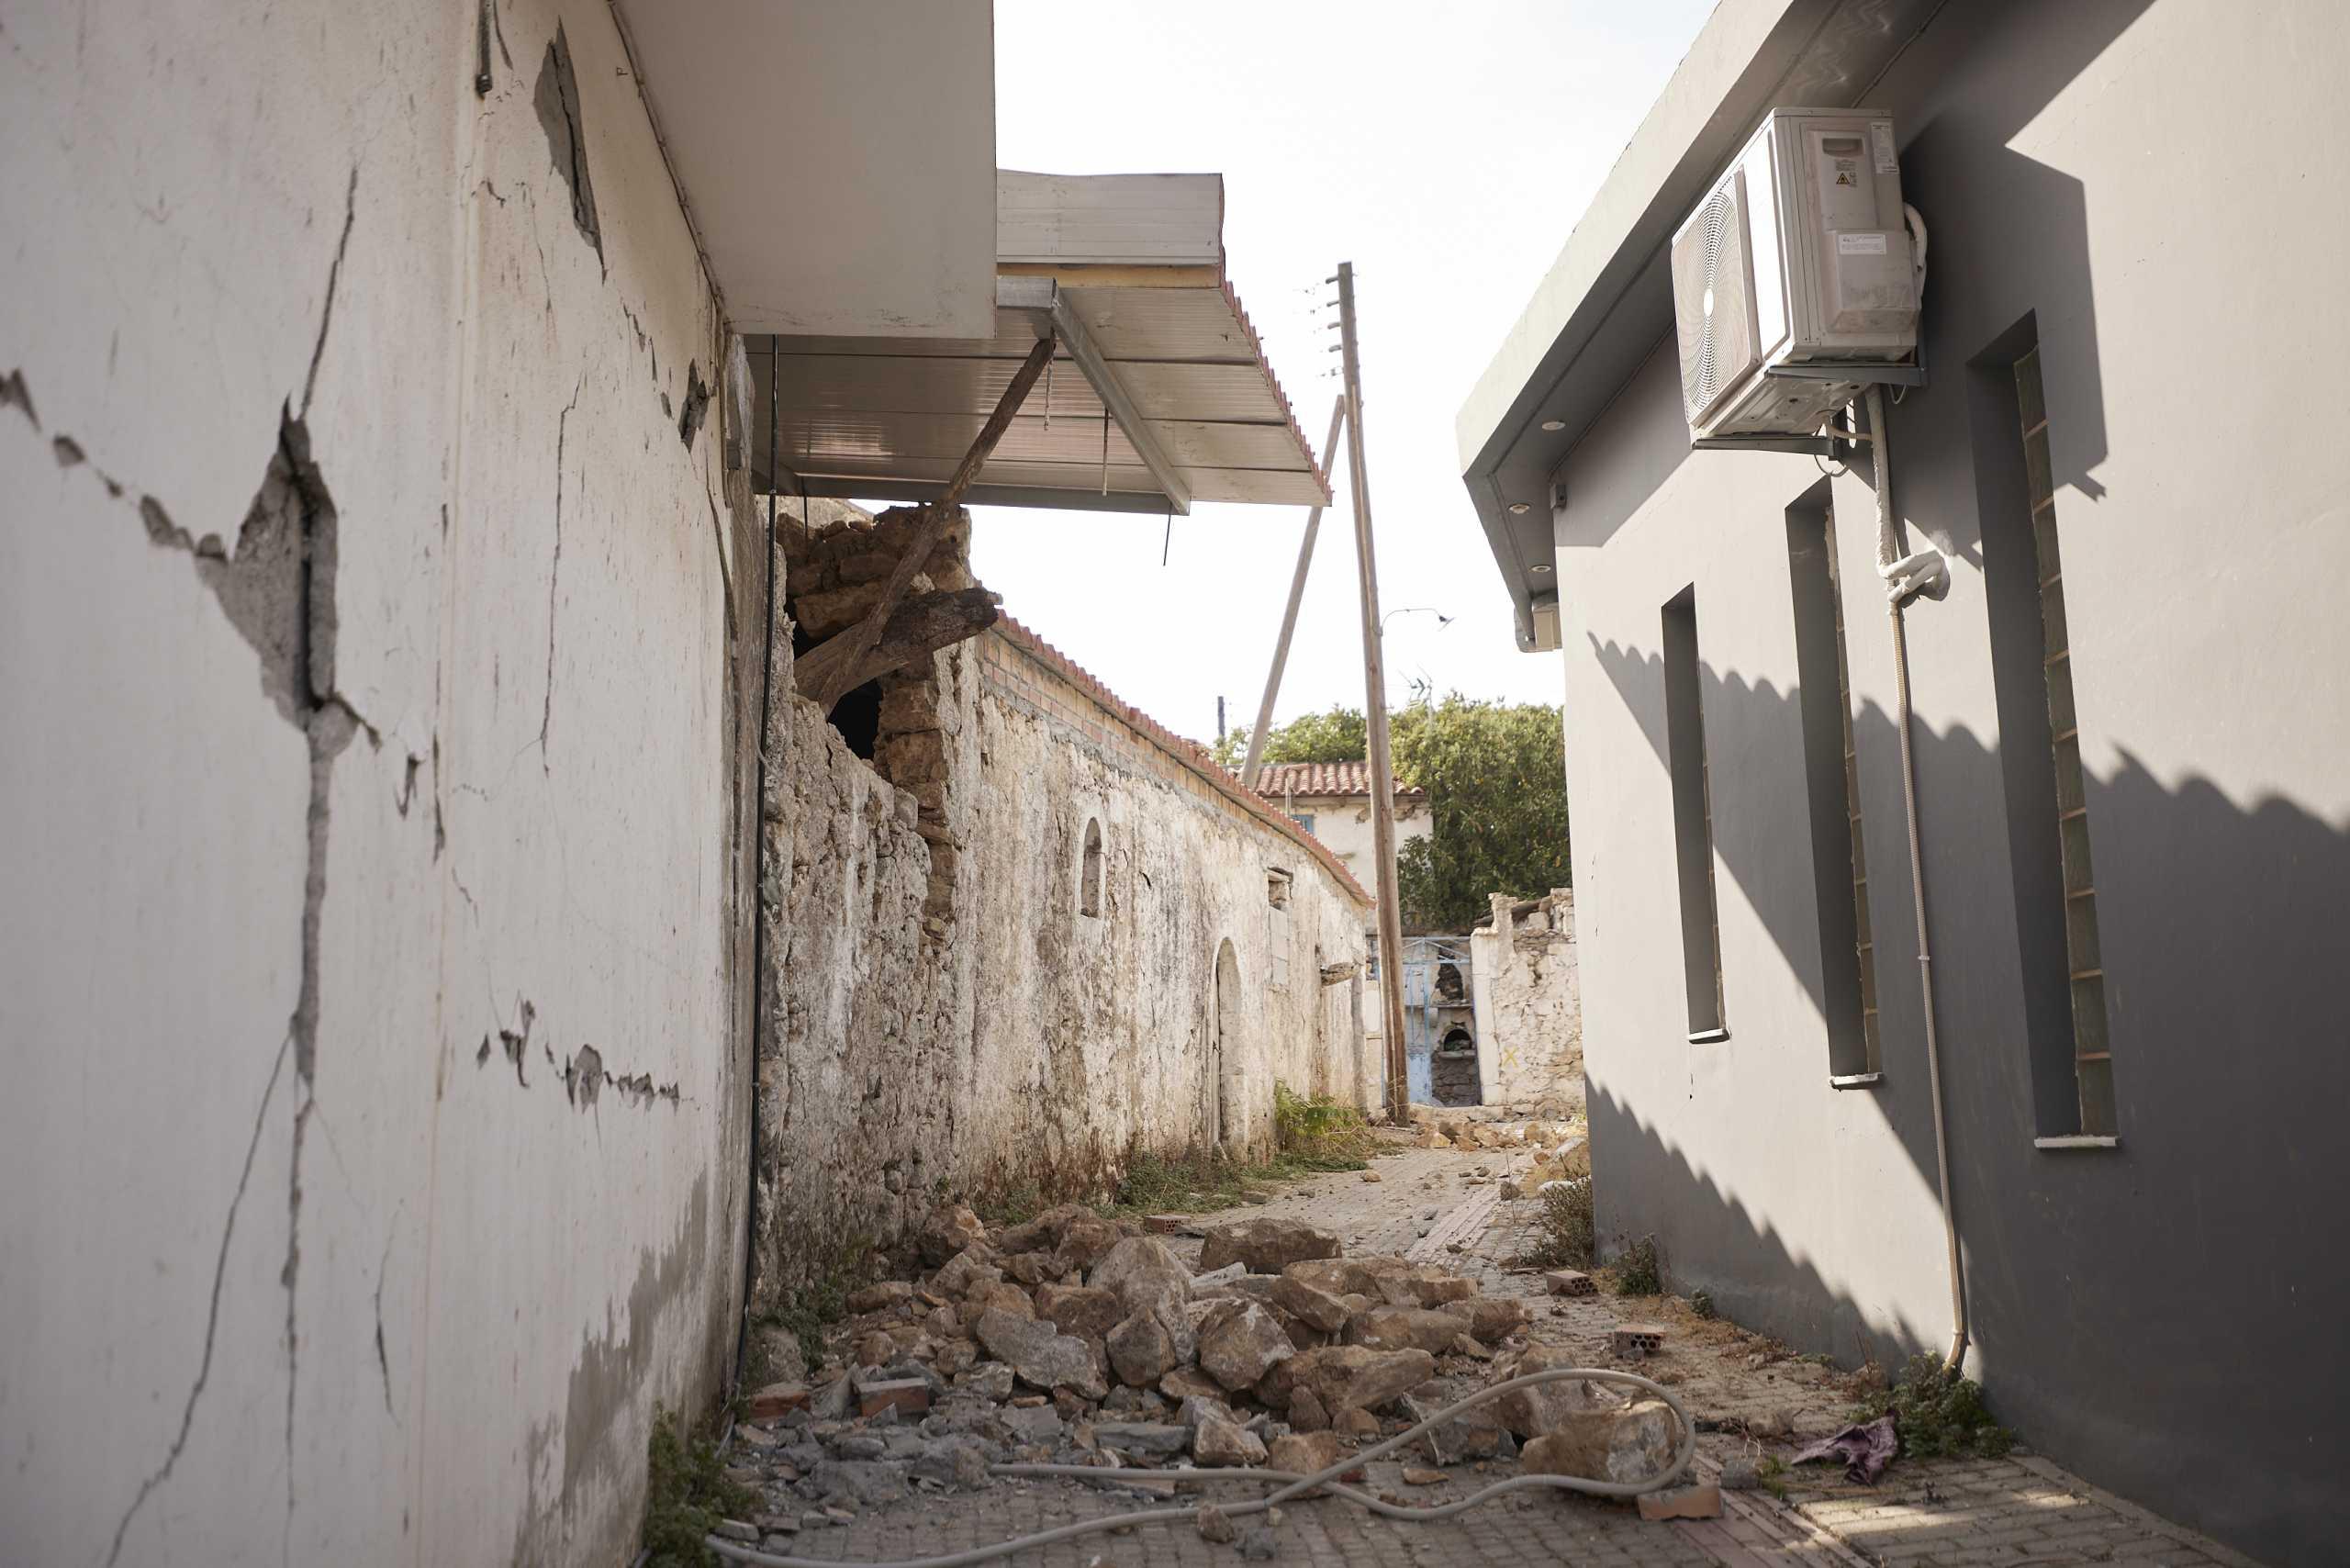 Σεισμός στην Κρήτη: Τι λένε οι σεισμολόγοι για τα 6,3 Ρίχτερ